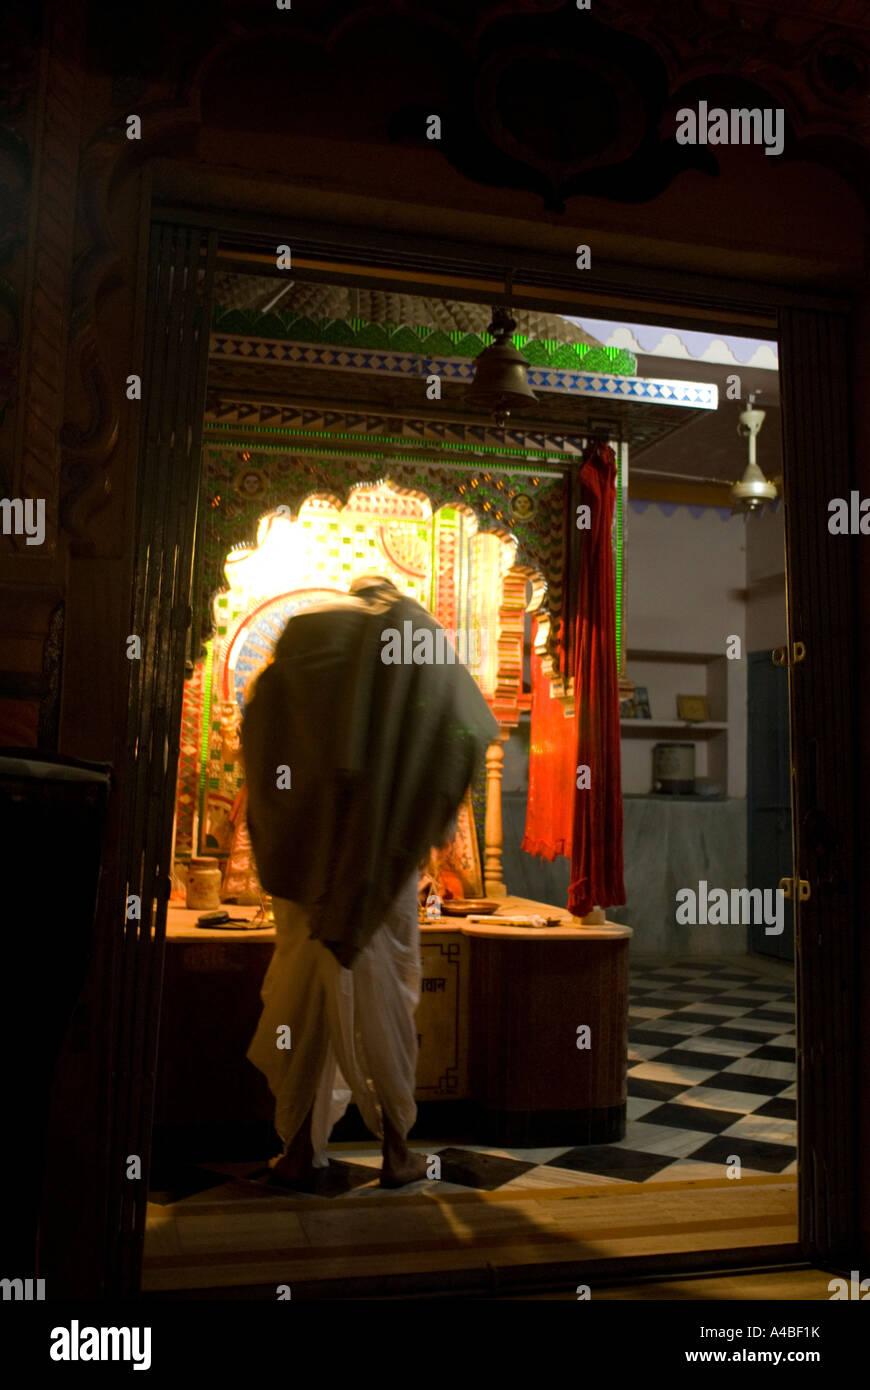 Image de l'homme Indien cape en effectuant une pooja dans un sanctuaire hindou de nuit à Pushkar Photo Stock